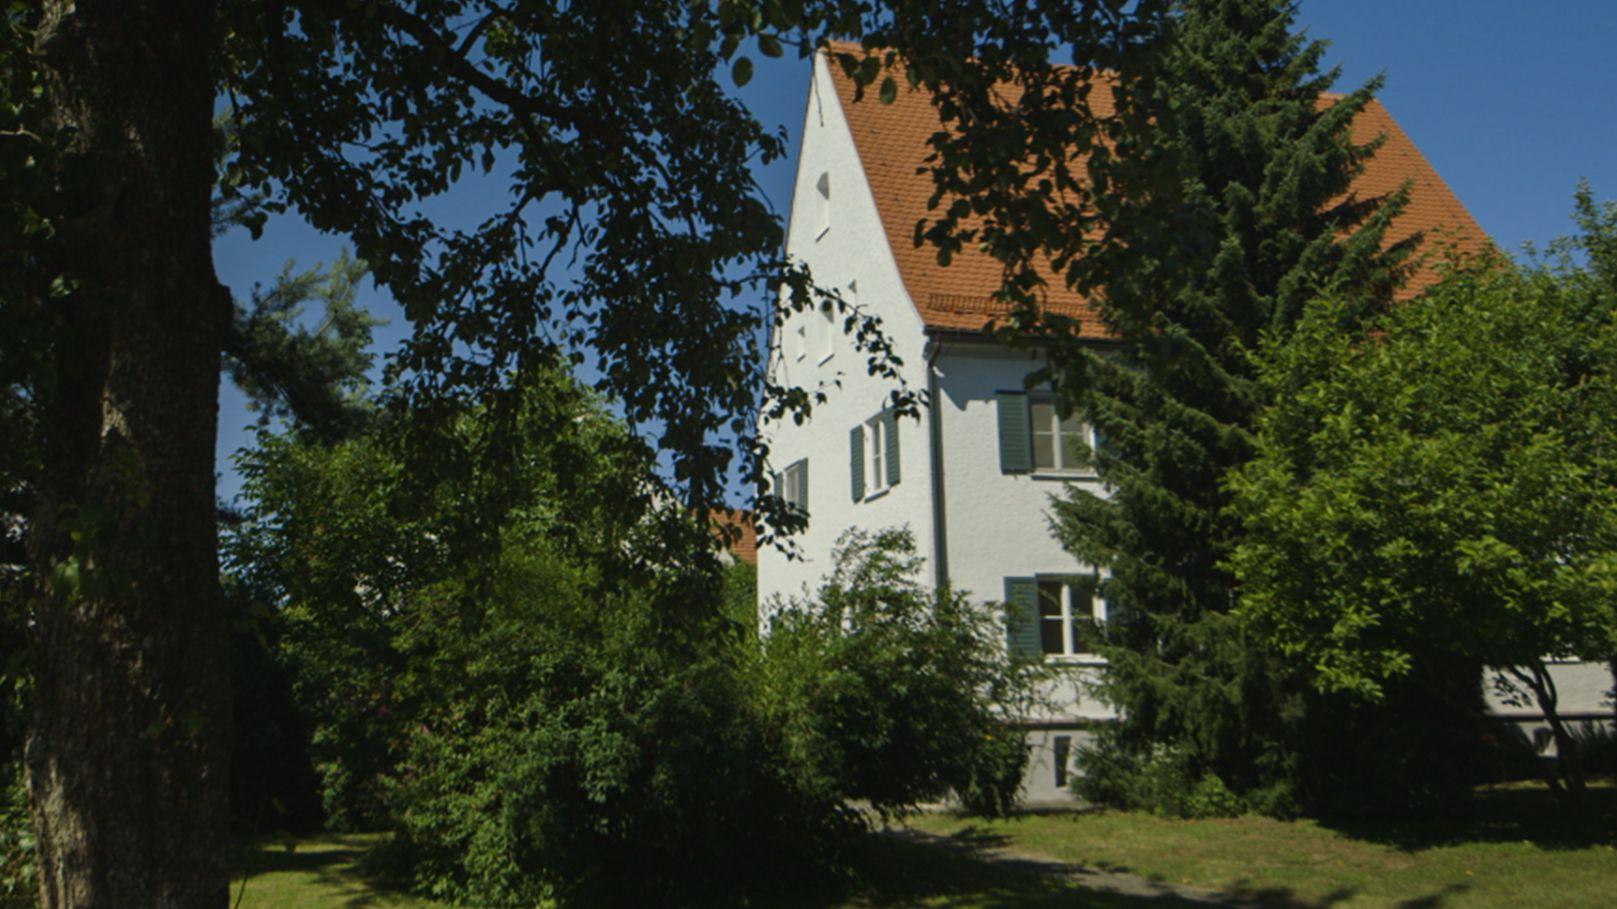 Das ehemalige Pfarrhaus von Igenhausen, Gemeinde Hollenbach im Landkreis Augsburg.